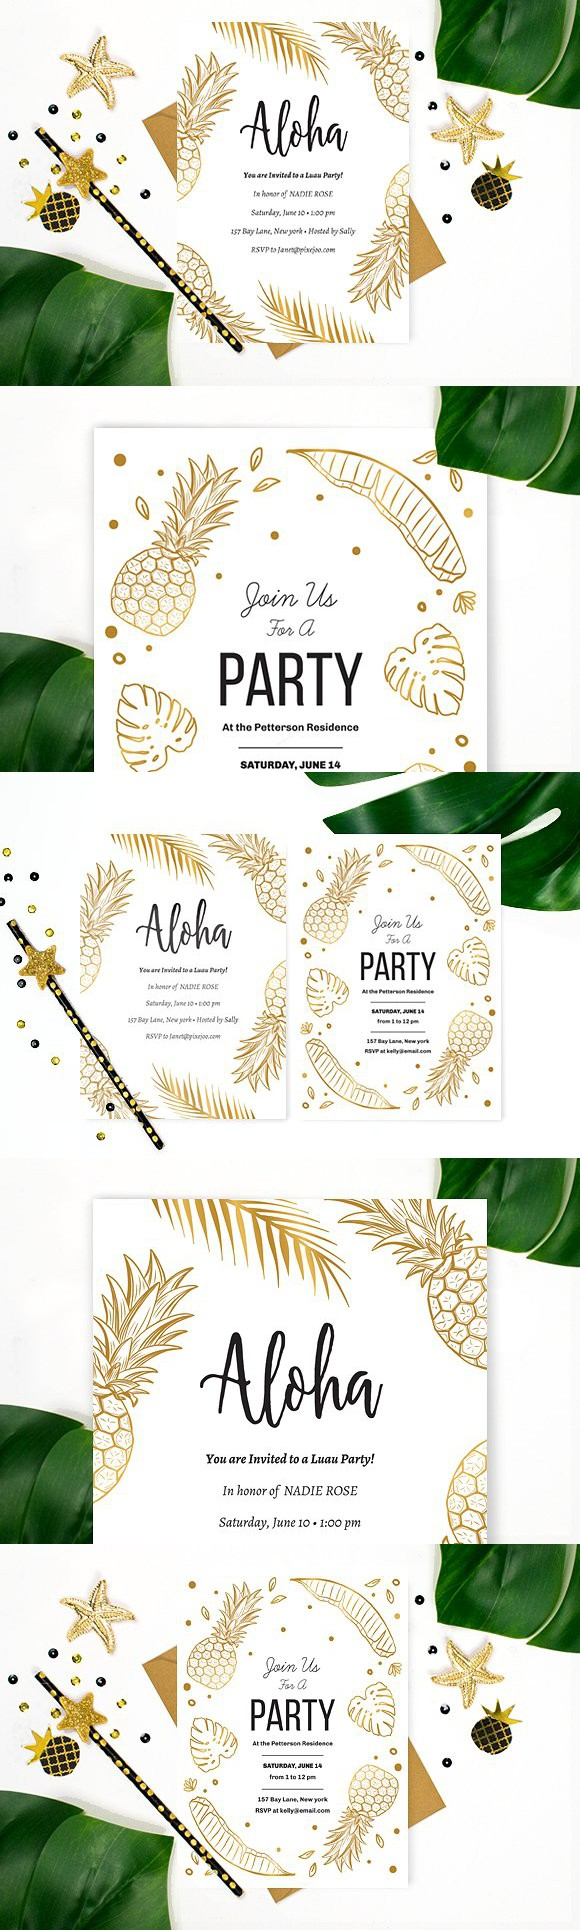 aloha party invitation invitation templates invitation templates